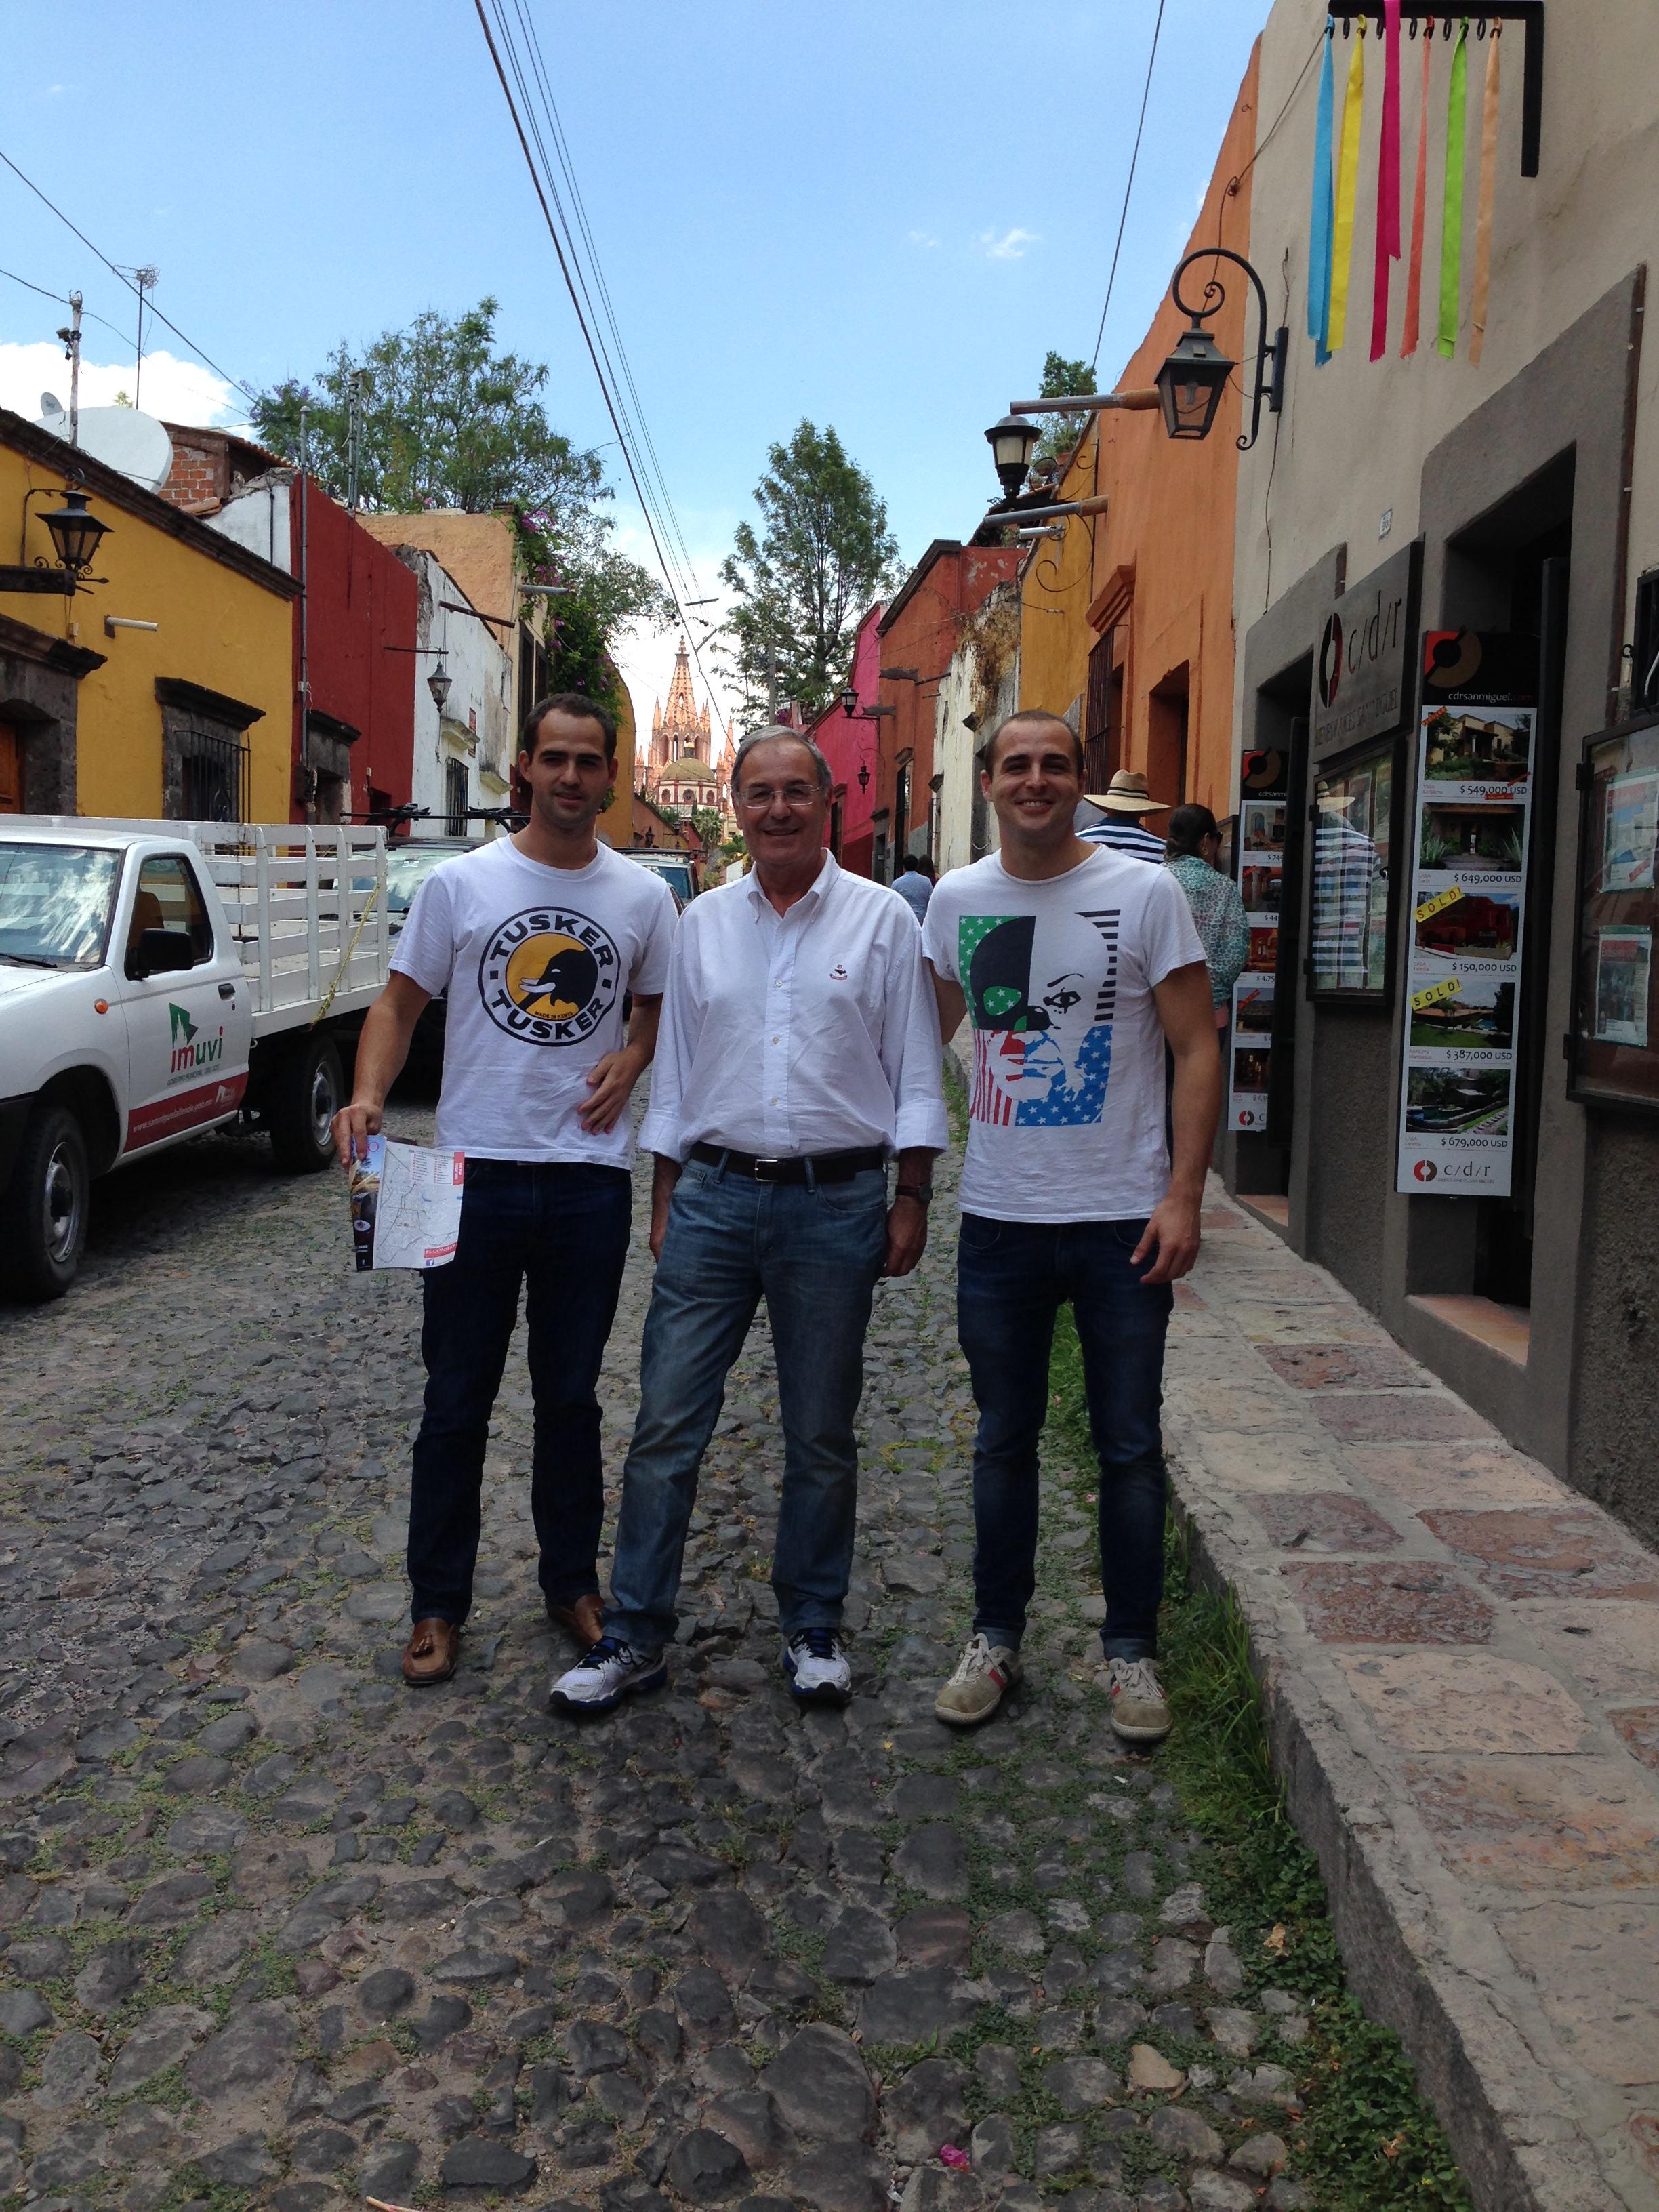 Calle típica de San Miguel de Allende